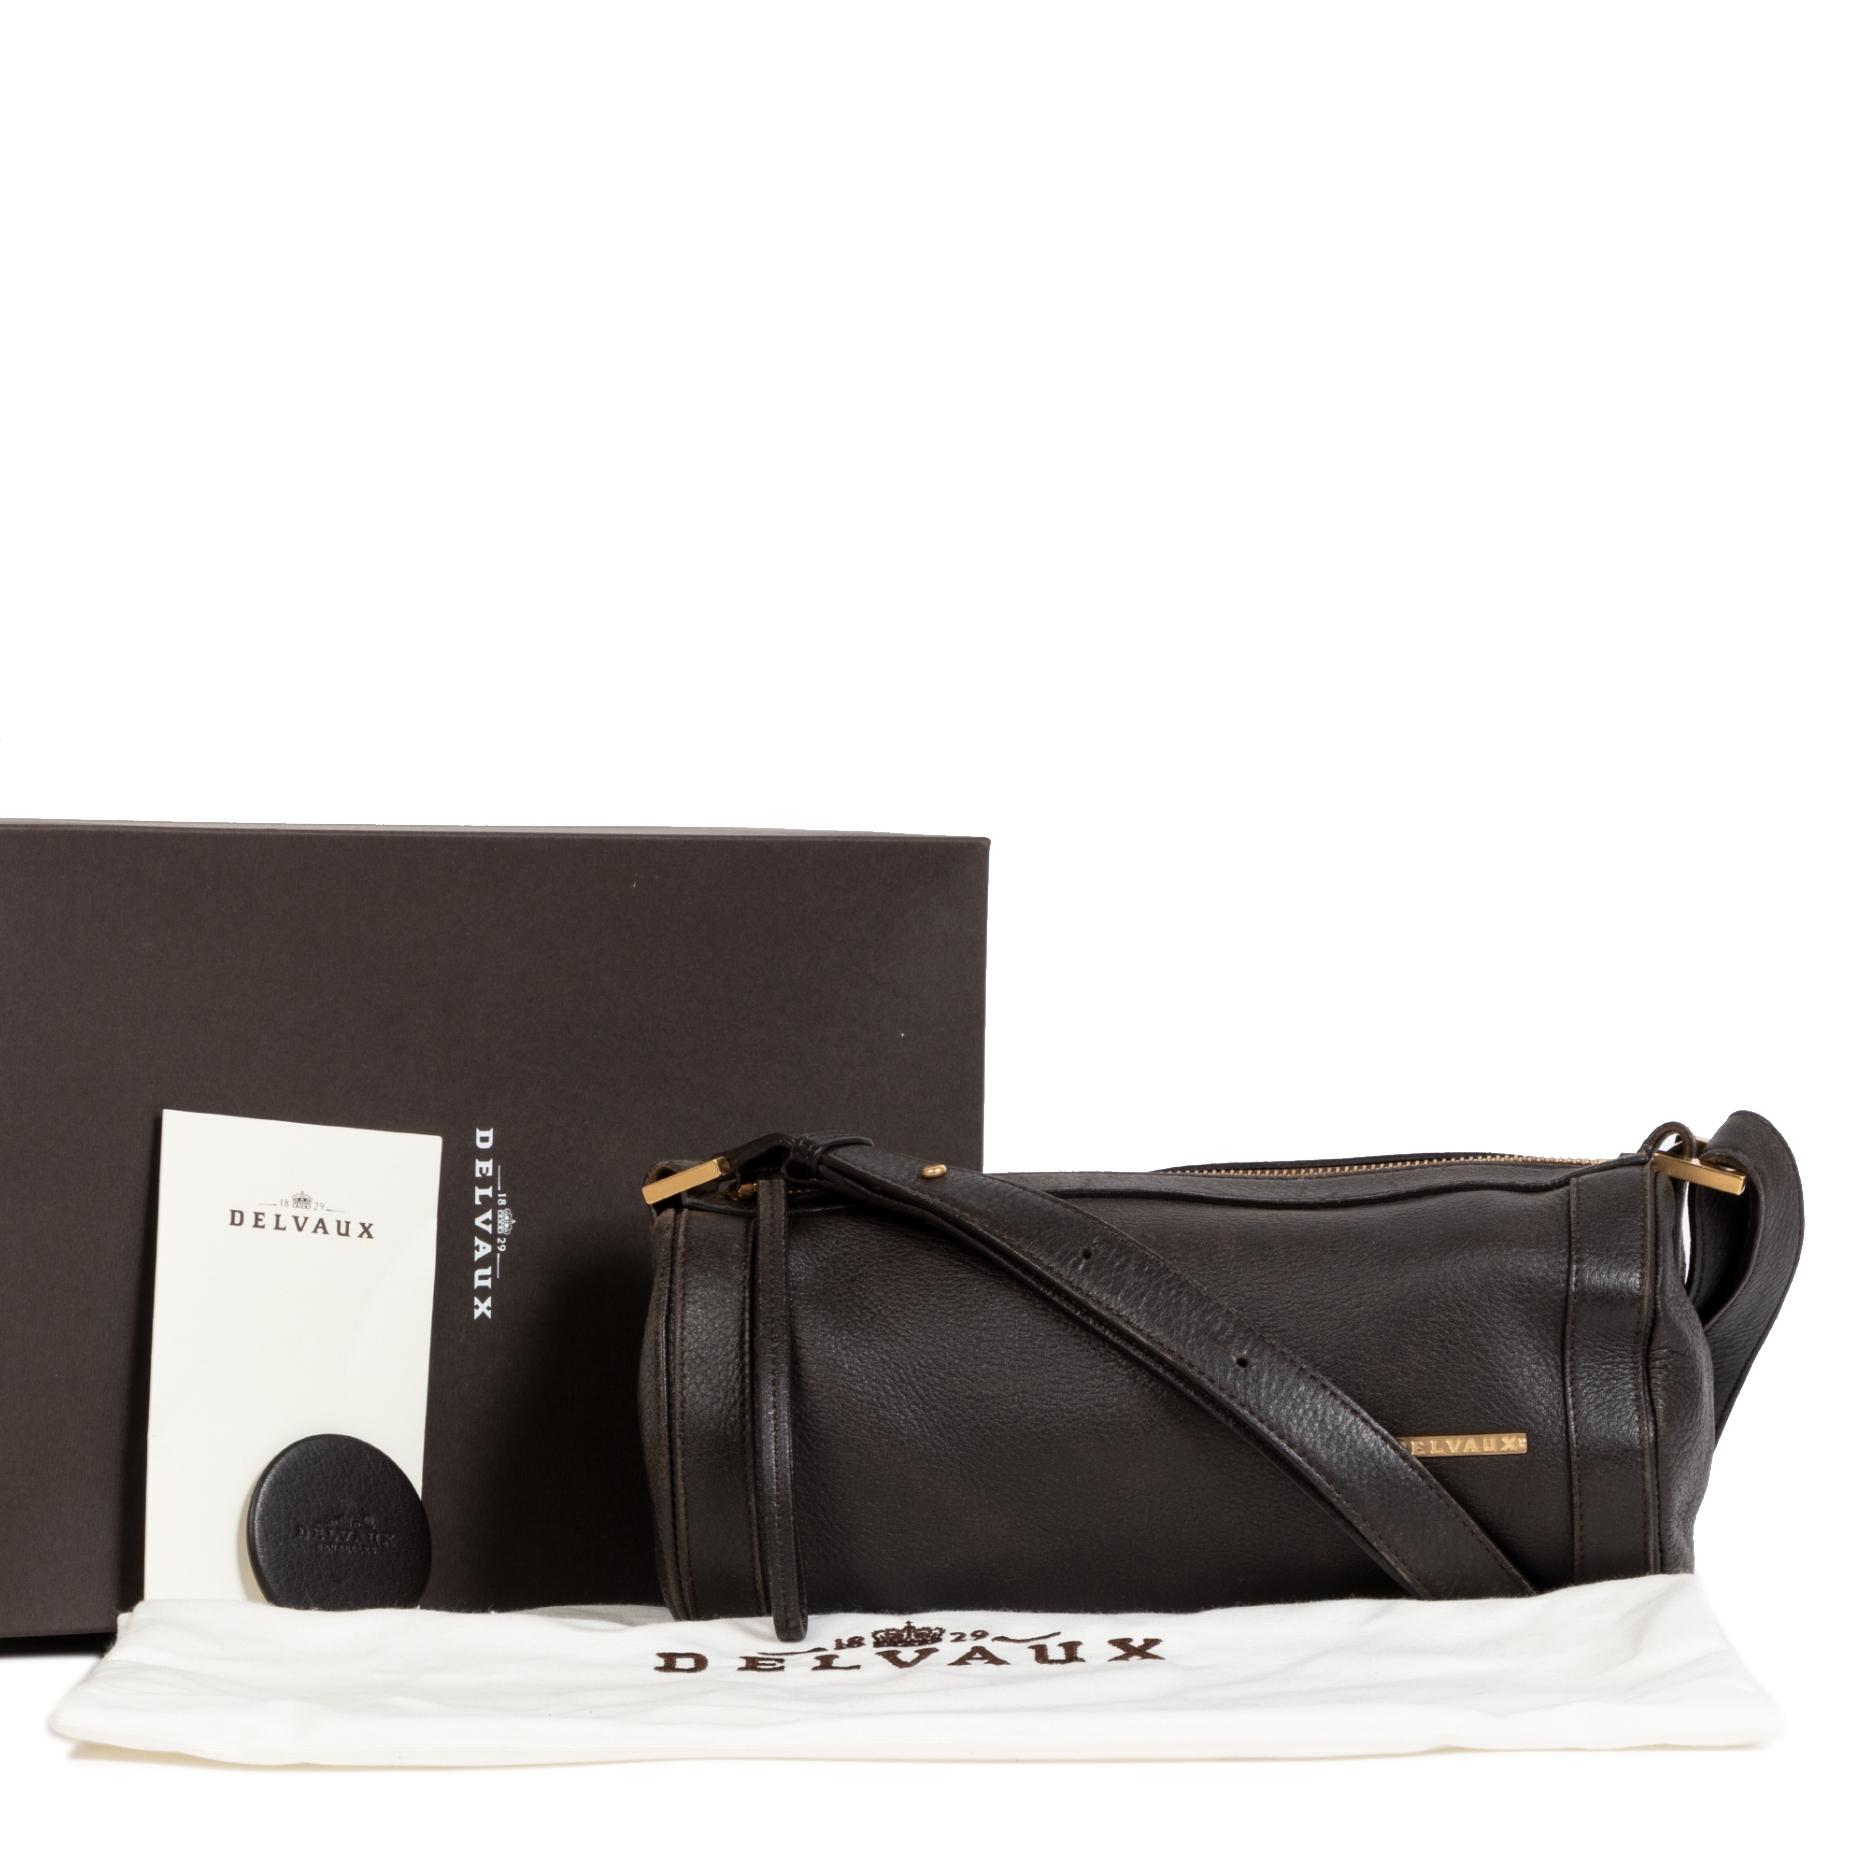 Achetez des sacs Delvaux comme Brown Lily Amber Bag pour le meilleur prix chez Labellov à Anvers Belgique